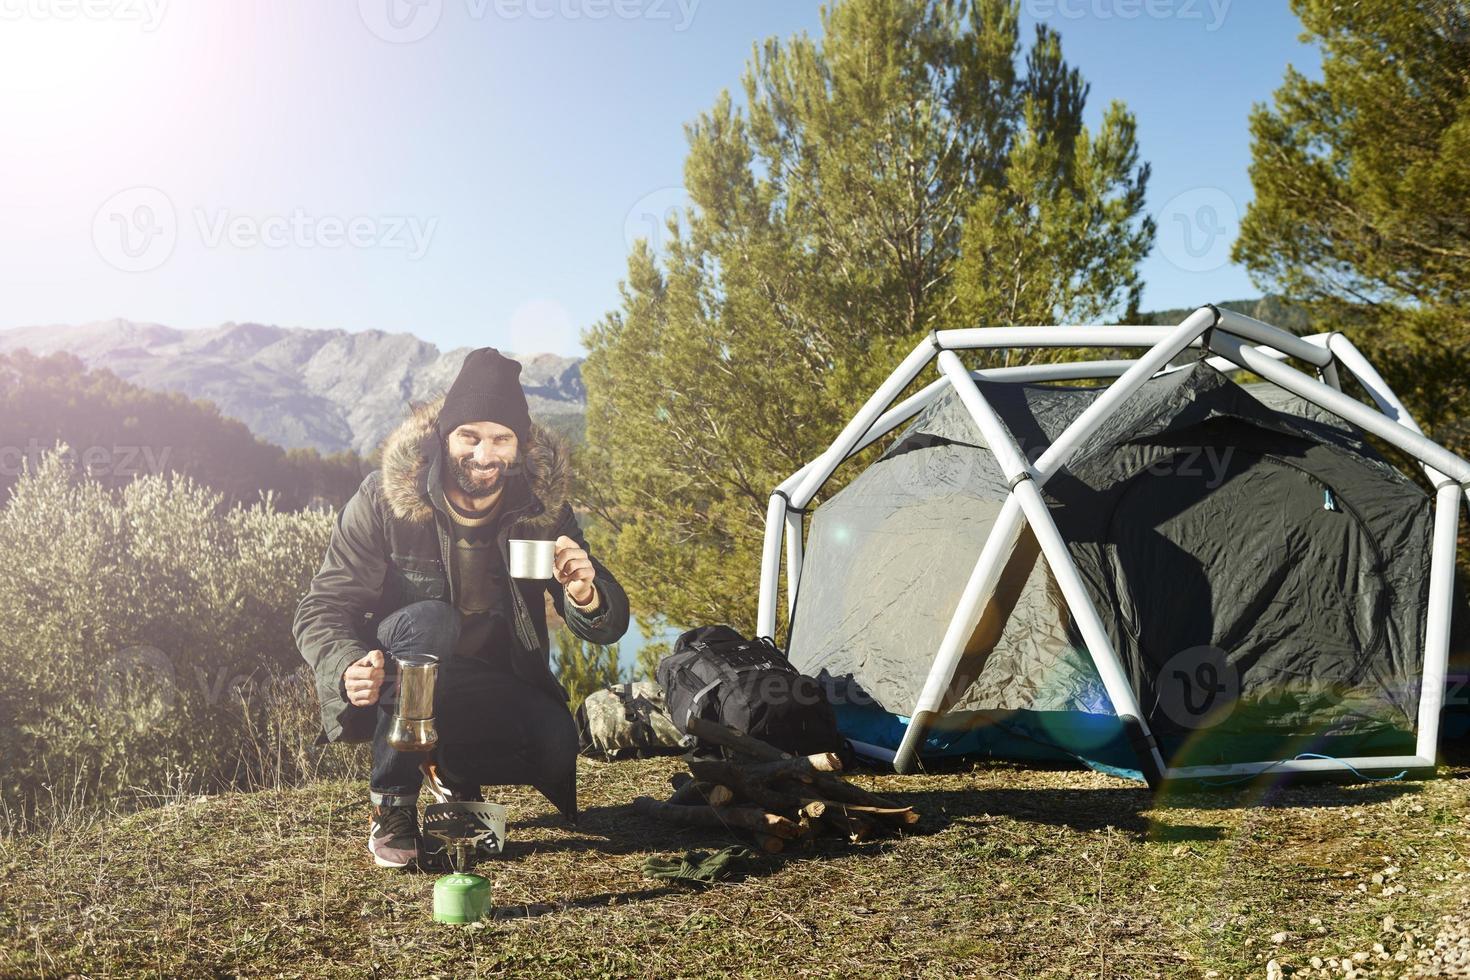 homem acampar bebendo café perto da barraca sorrindo feliz ao ar livre em foto